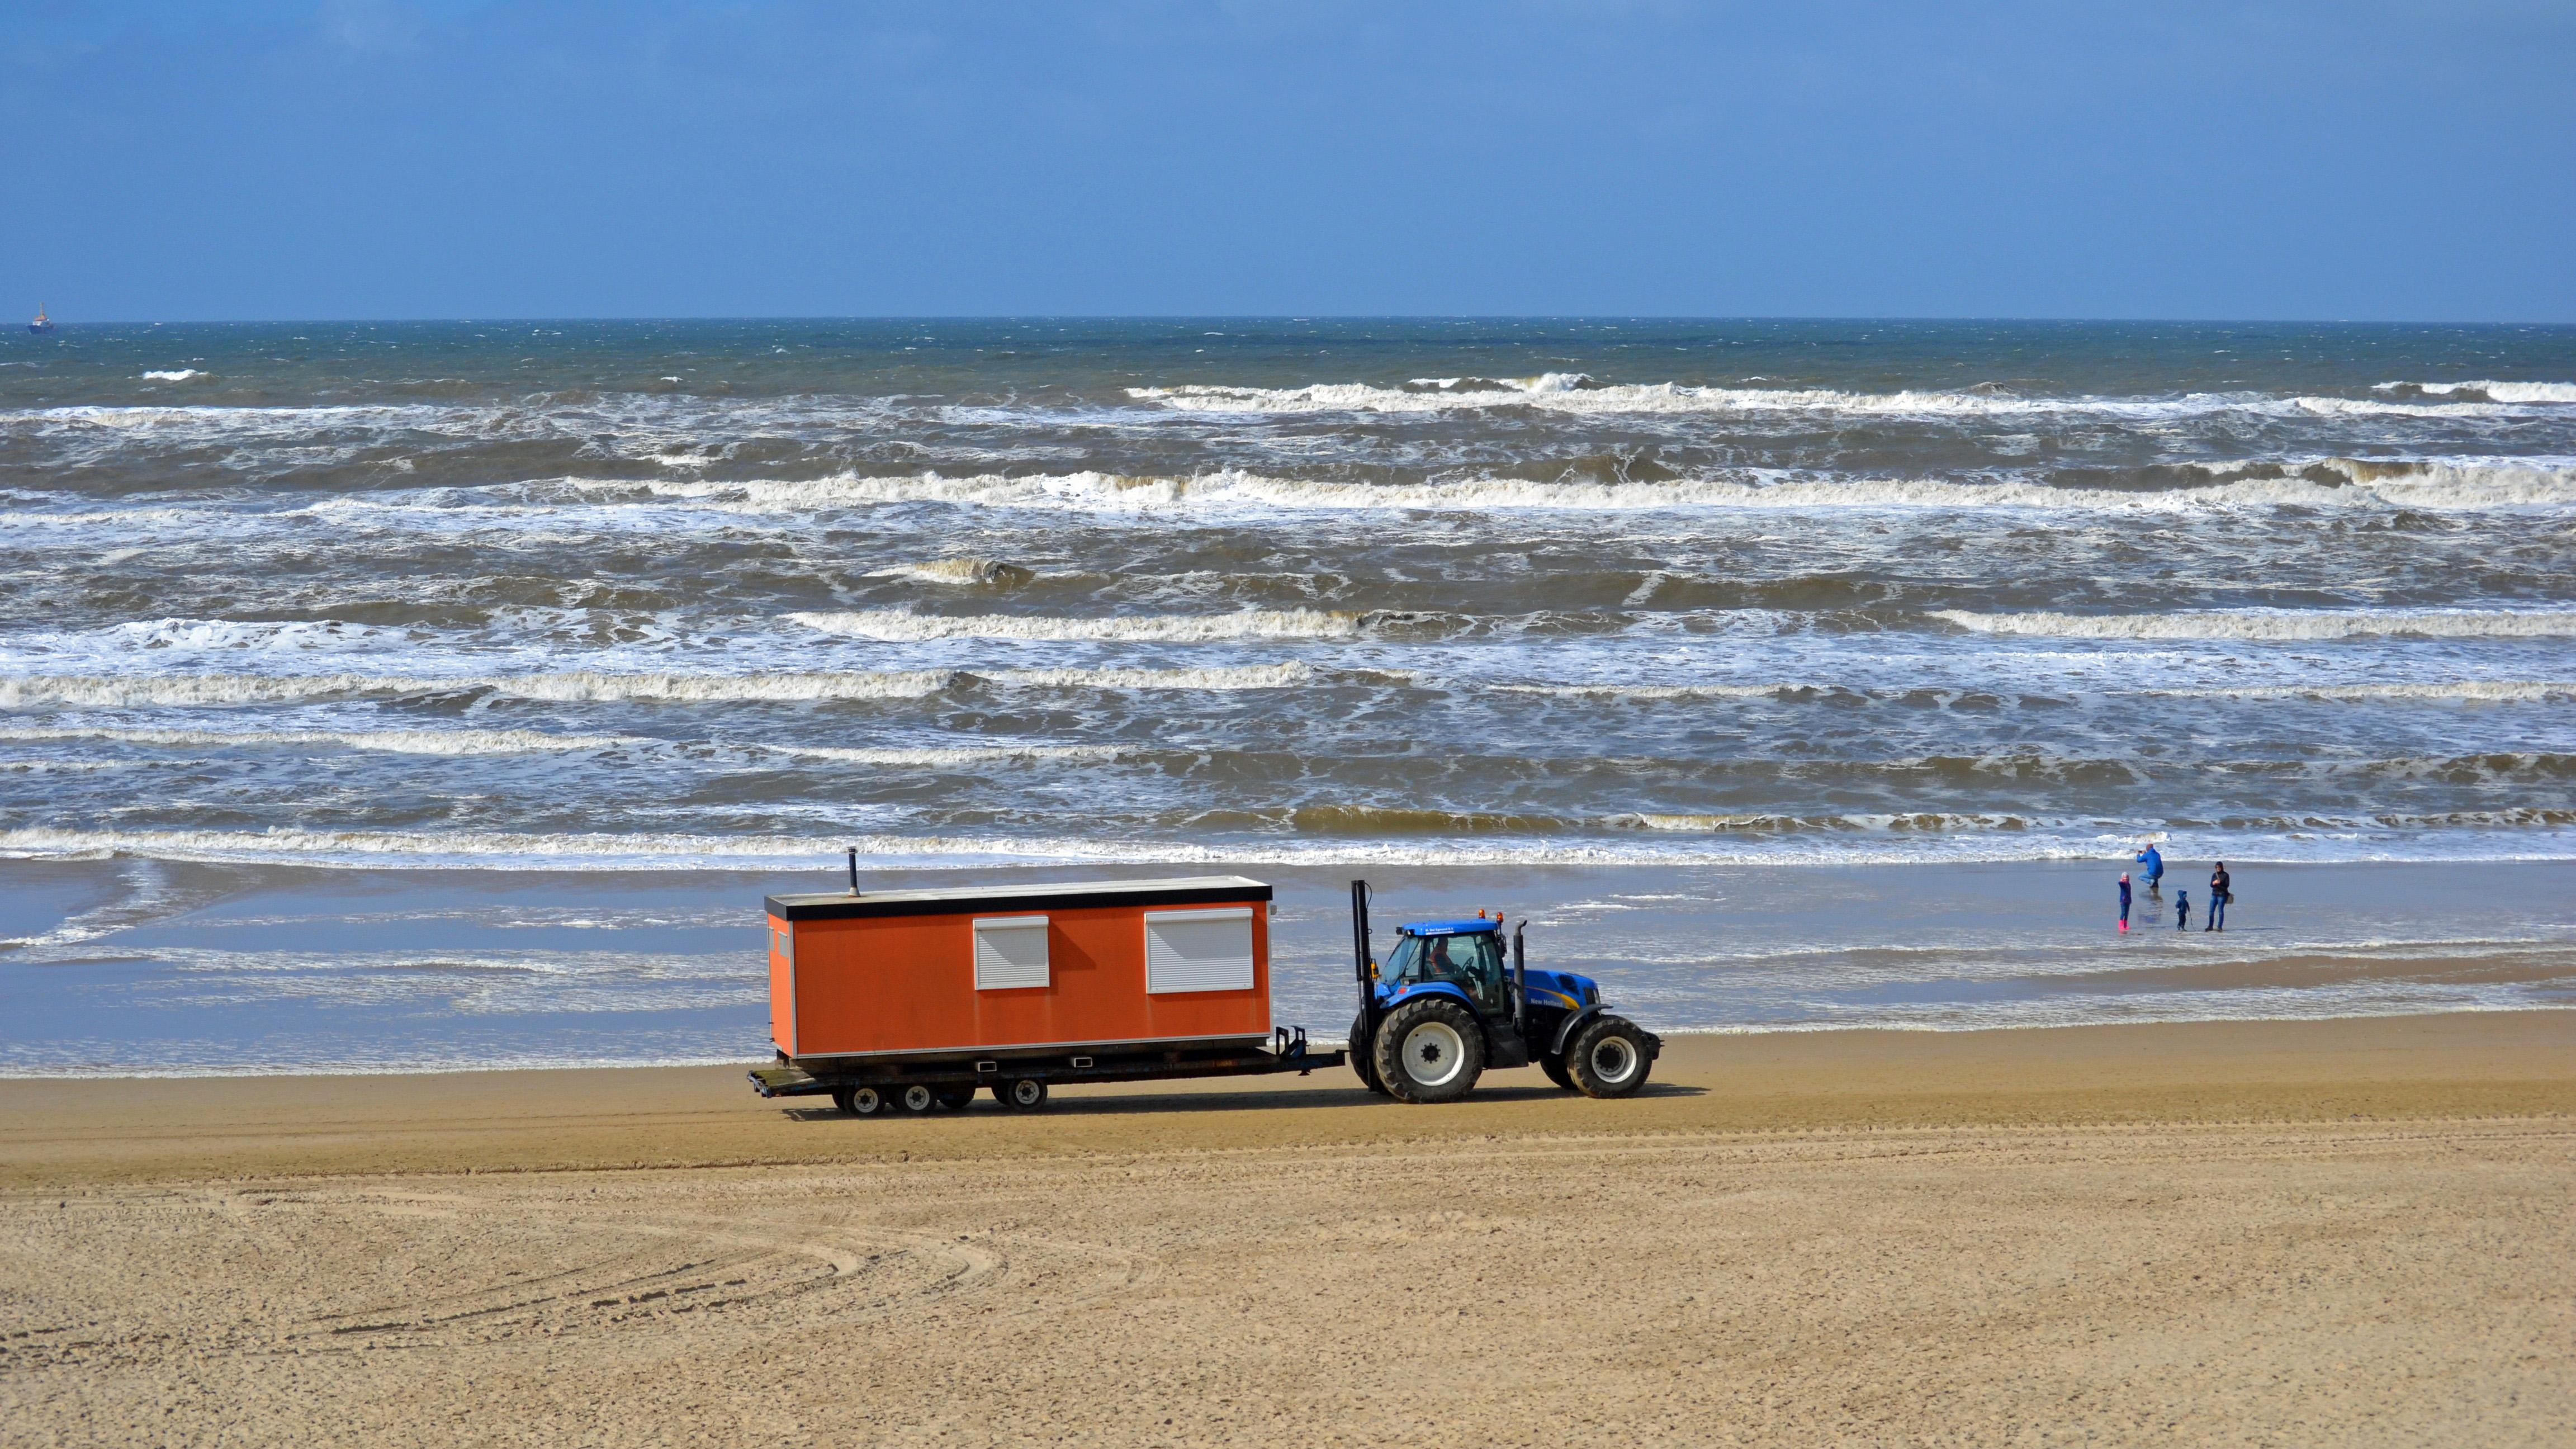 Foto: Sjef Kenniphaas Egmond aan Zee.